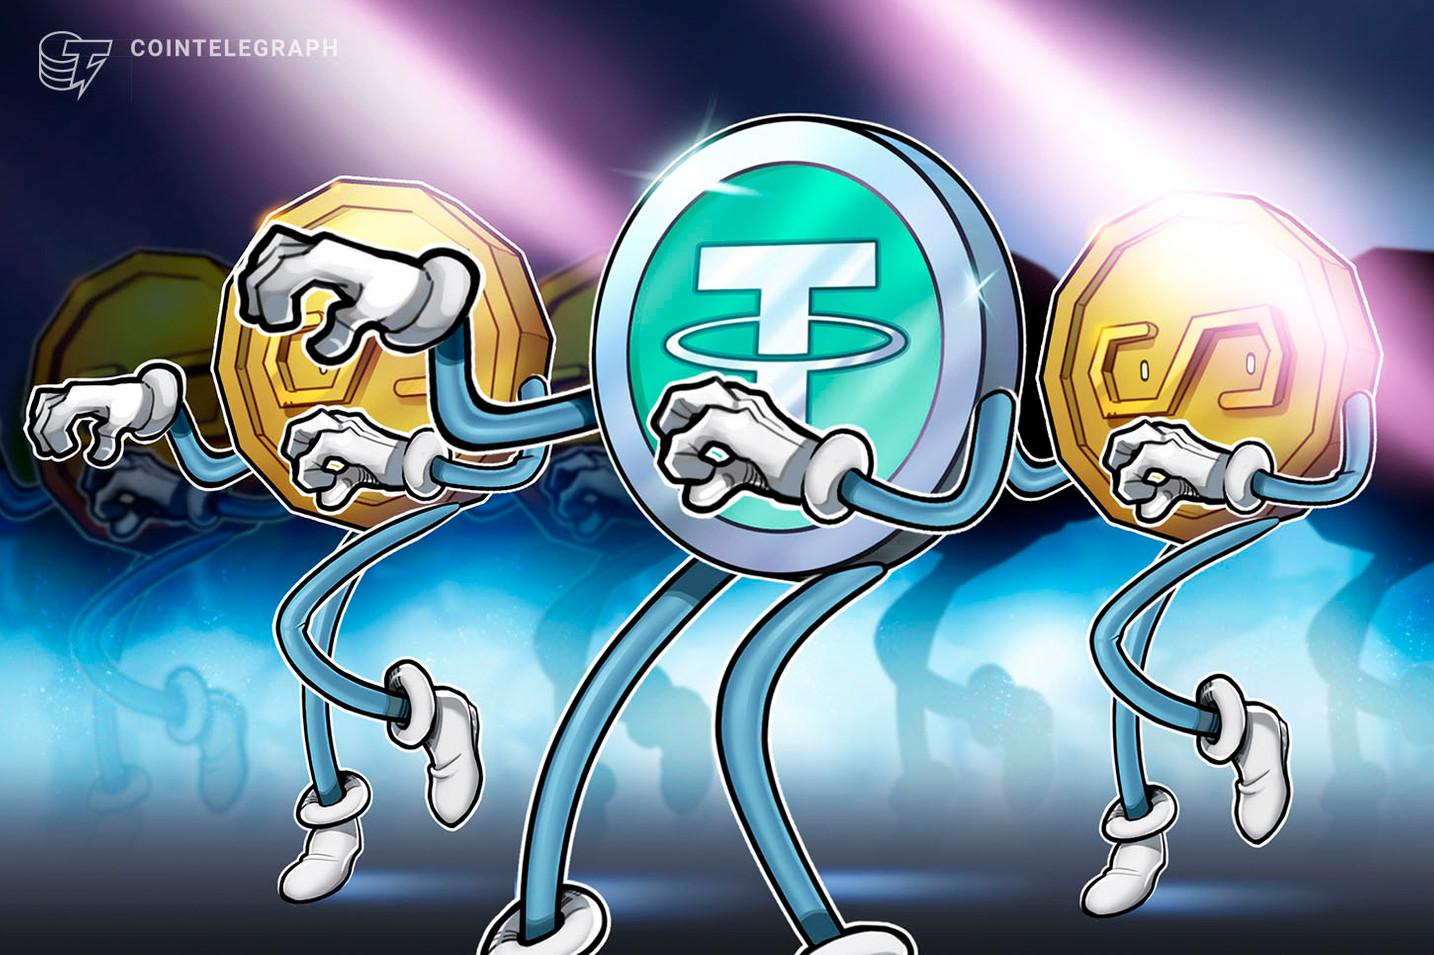 Un network layer-two di Ethereum offrirà pagamenti batched di Tether